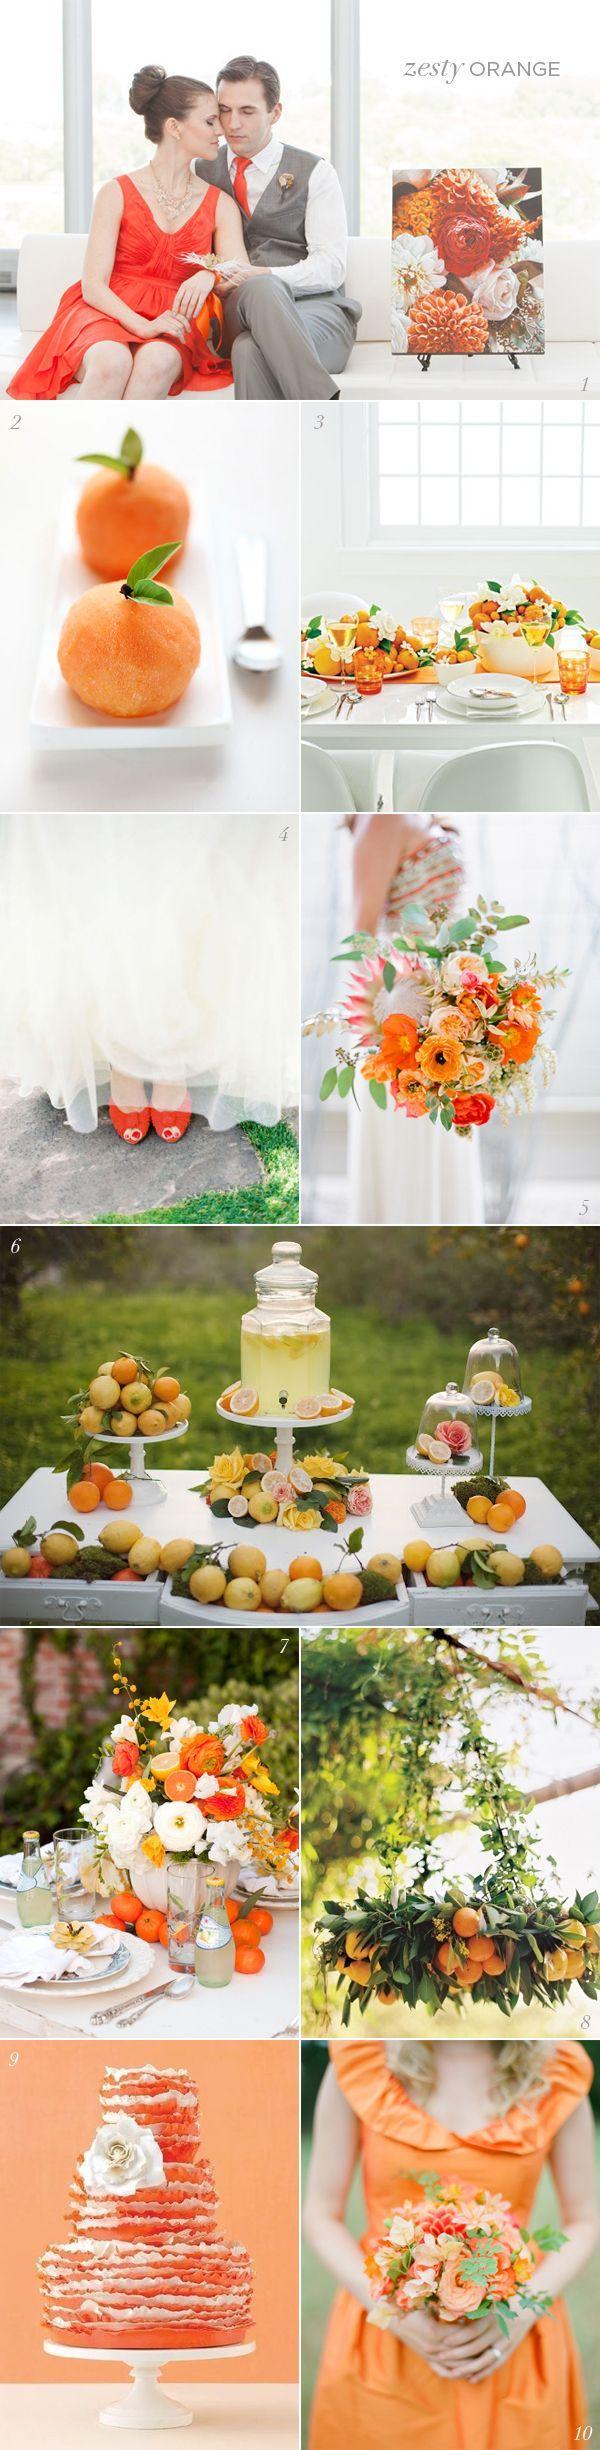 Wedding - Orange Wedding Details & Decor